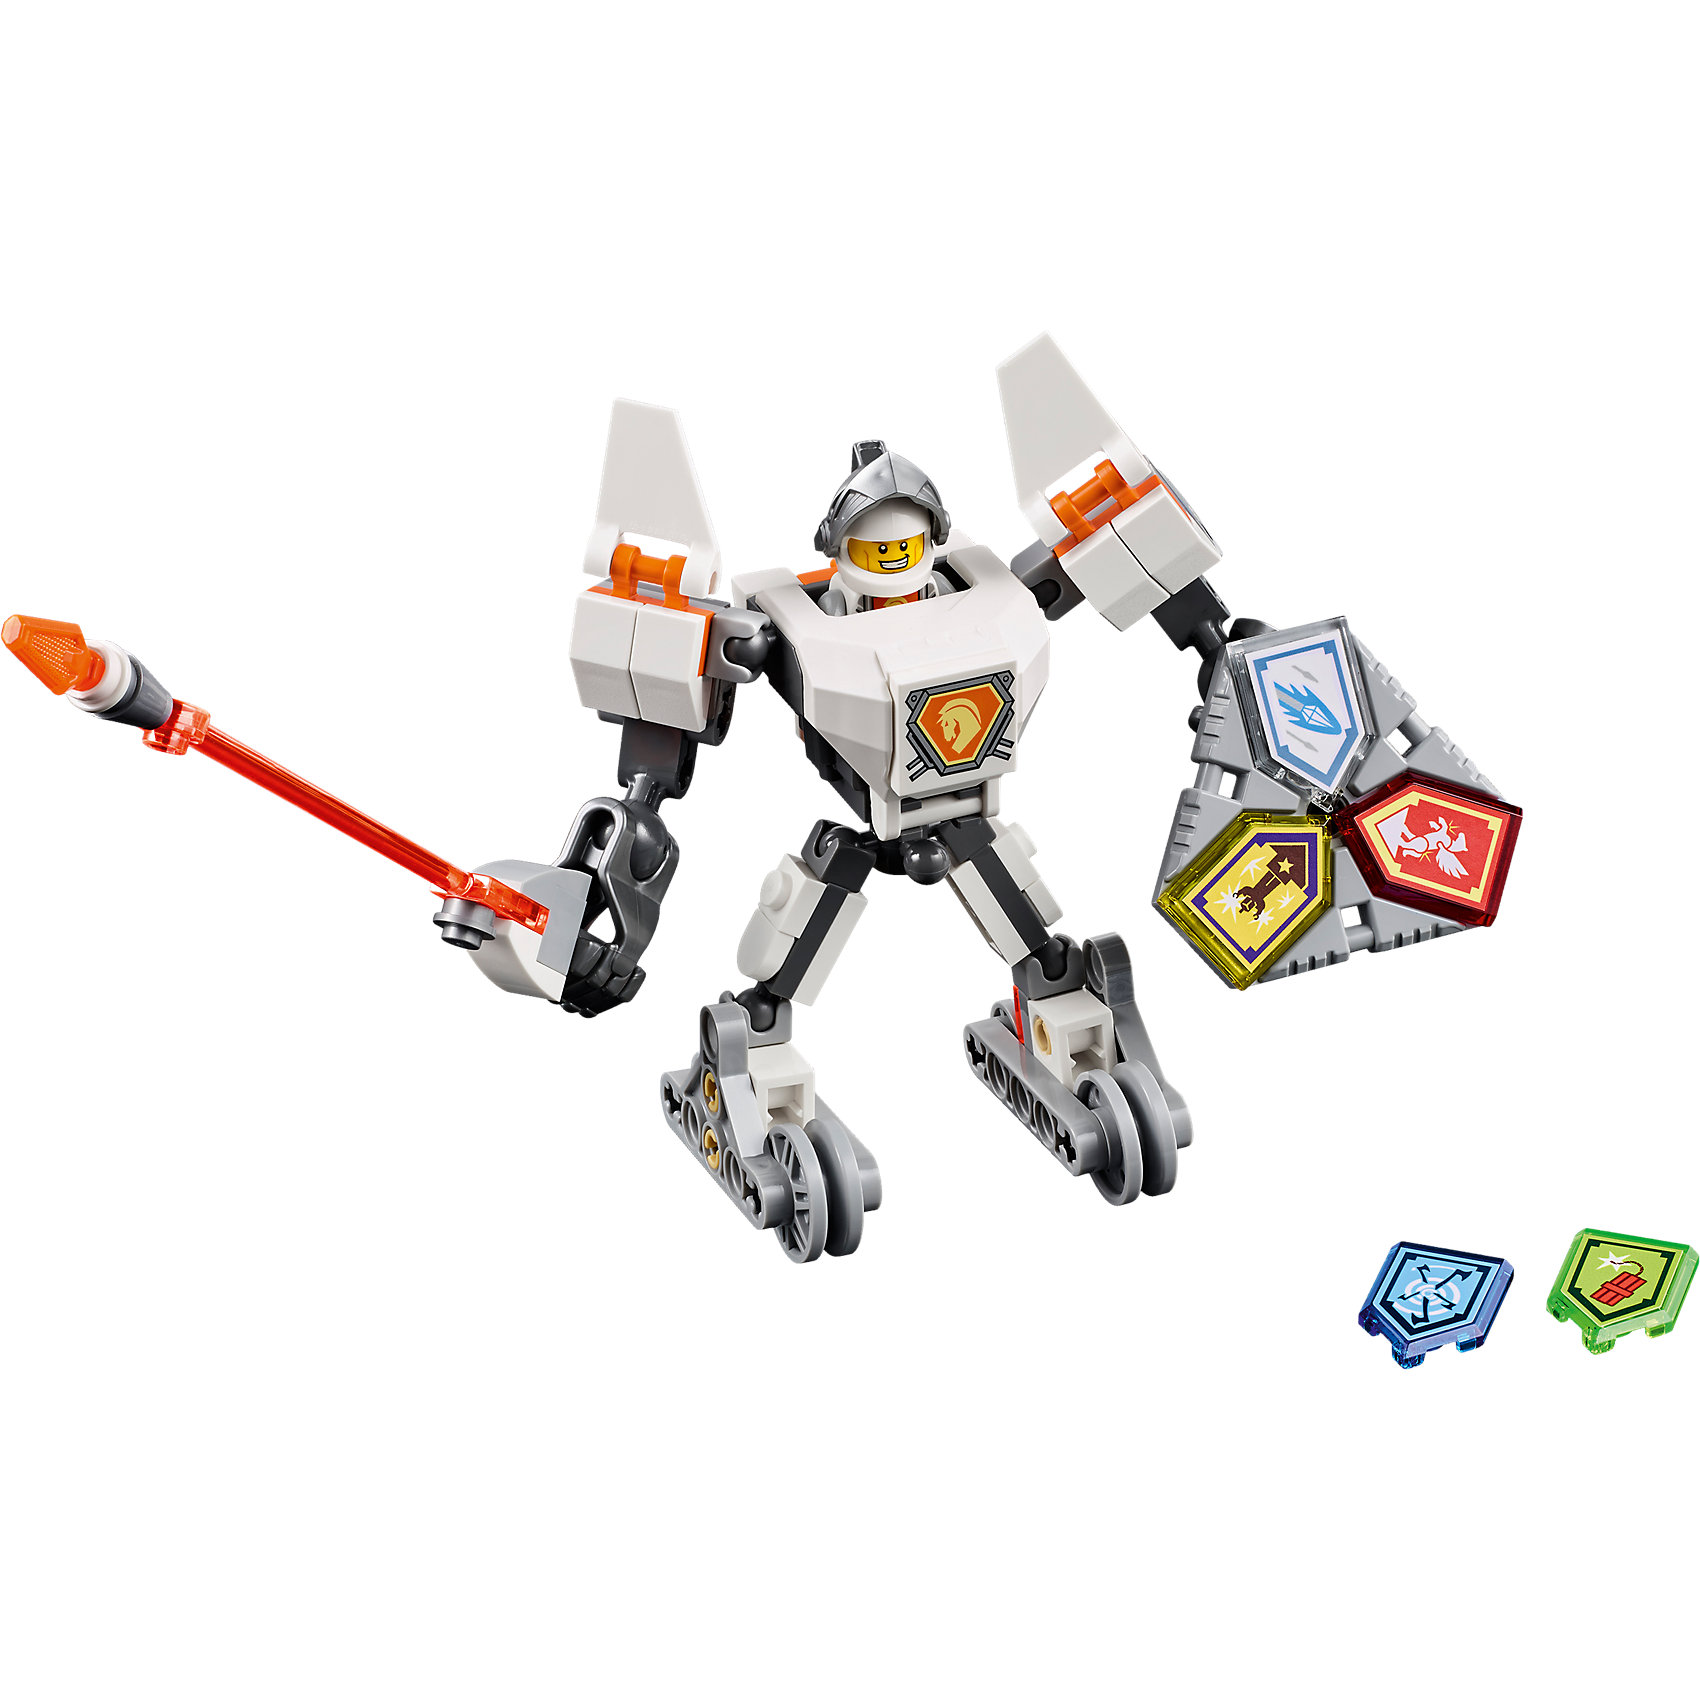 LEGO NEXO KNIGHTS 70366: Боевые доспехи ЛансаПластмассовые конструкторы<br>LEGO NEXO KNIGHTS 70366: Боевые доспехи Ланса<br><br>Характеристики:<br><br>- в набор входит: доспехи, фигурка, 5 защитных сил, красочная инструкция<br>- состав: пластик<br>- количество деталей: 83<br>- размер коробки: 20 * 5,5 * 19 см.<br>- высота доспеха: 9 см.<br>- для детей в возрасте: от 7 до 14 лет<br>- Страна производитель: Дания/Китай/Чехия<br><br>Легендарный конструктор LEGO (ЛЕГО) представляет серию «NEXO KNIGHTS» (Нэксо Найтс) по сюжету одноименного мультсериала. Серия понравится любителям средневековья благодаря рыцарям, принцессам, монстрам и ужасным злодеям. Рыцарь Ланс получает свои новые боевые доспехи. Прекрасное сочетание темно-серого, белого и оранжевого цветов отлично ему подходят. Доспех на шарнирах и позволяет рыцарю свободно двигать руками и ногами в плечах, локтях, коленях, бедрах и торсе. Прочный щит содержит сразу три силы, а надежное и яркое копье станет отличным помощников в битве.Изображенный на груди герб Ланса является особенностью доспеха, так как ранее он не изображался. Фигурка Ланса входит в комплект и отлично детализирована. Съемный шлем выглядит очень правдоподобно. К доспеху можно прикрепить детали от турнирной машины Ланса от LEGO NEXO KNIGHTS. Помогай рыцарям бороться с каменными монстрами с помощью прогресса и невероятной Нексо силы!<br><br>Конструктор LEGO NEXO KNIGHTS 70366: Боевые доспехи Ланса можно купить в нашем интернет-магазине.<br><br>Ширина мм: 209<br>Глубина мм: 185<br>Высота мм: 50<br>Вес г: 121<br>Возраст от месяцев: 84<br>Возраст до месяцев: 168<br>Пол: Мужской<br>Возраст: Детский<br>SKU: 5002548